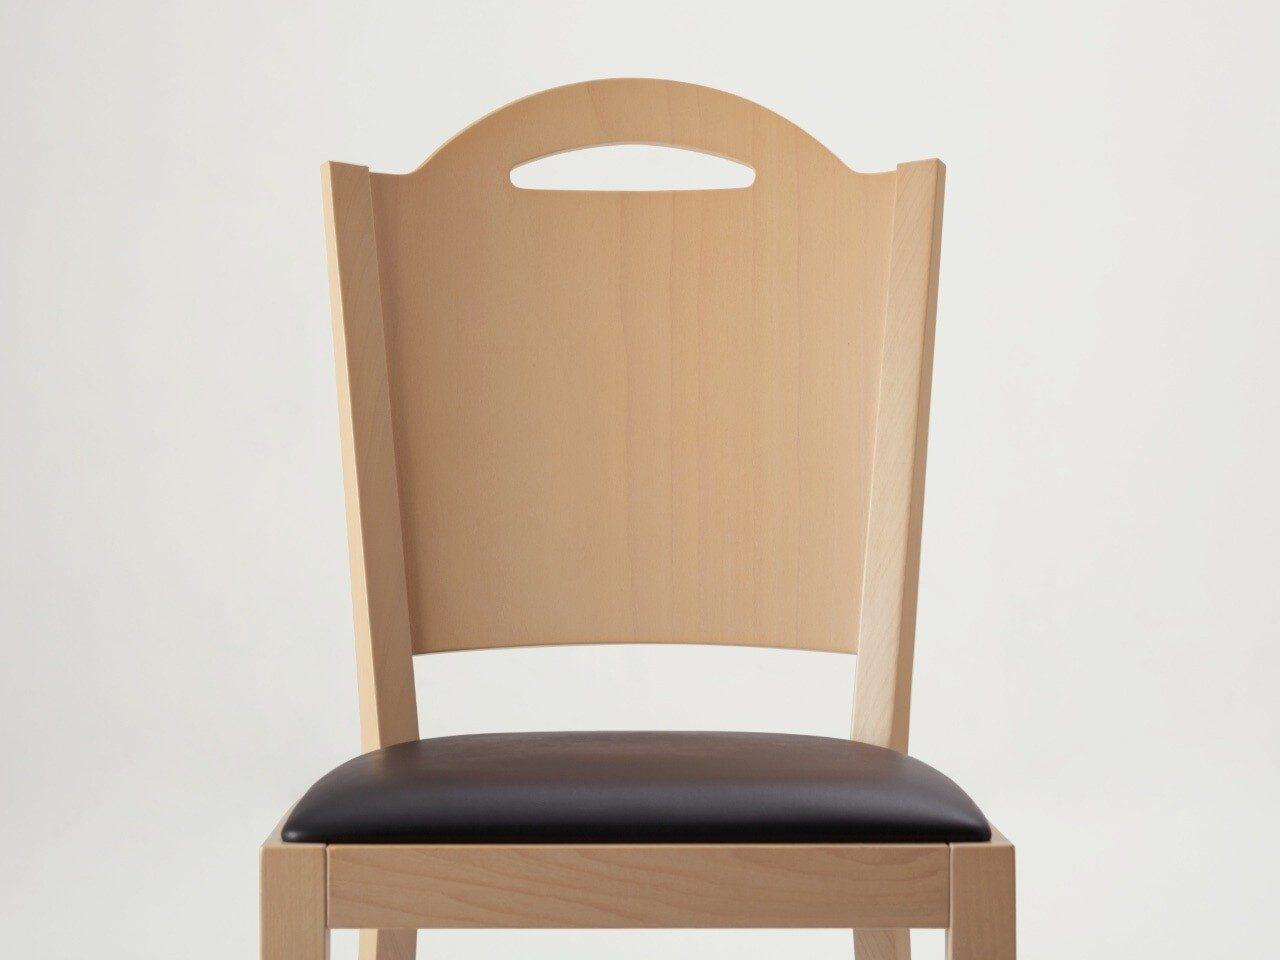 Baltimore_112 chair_01_dett 1_1280x960_def-min